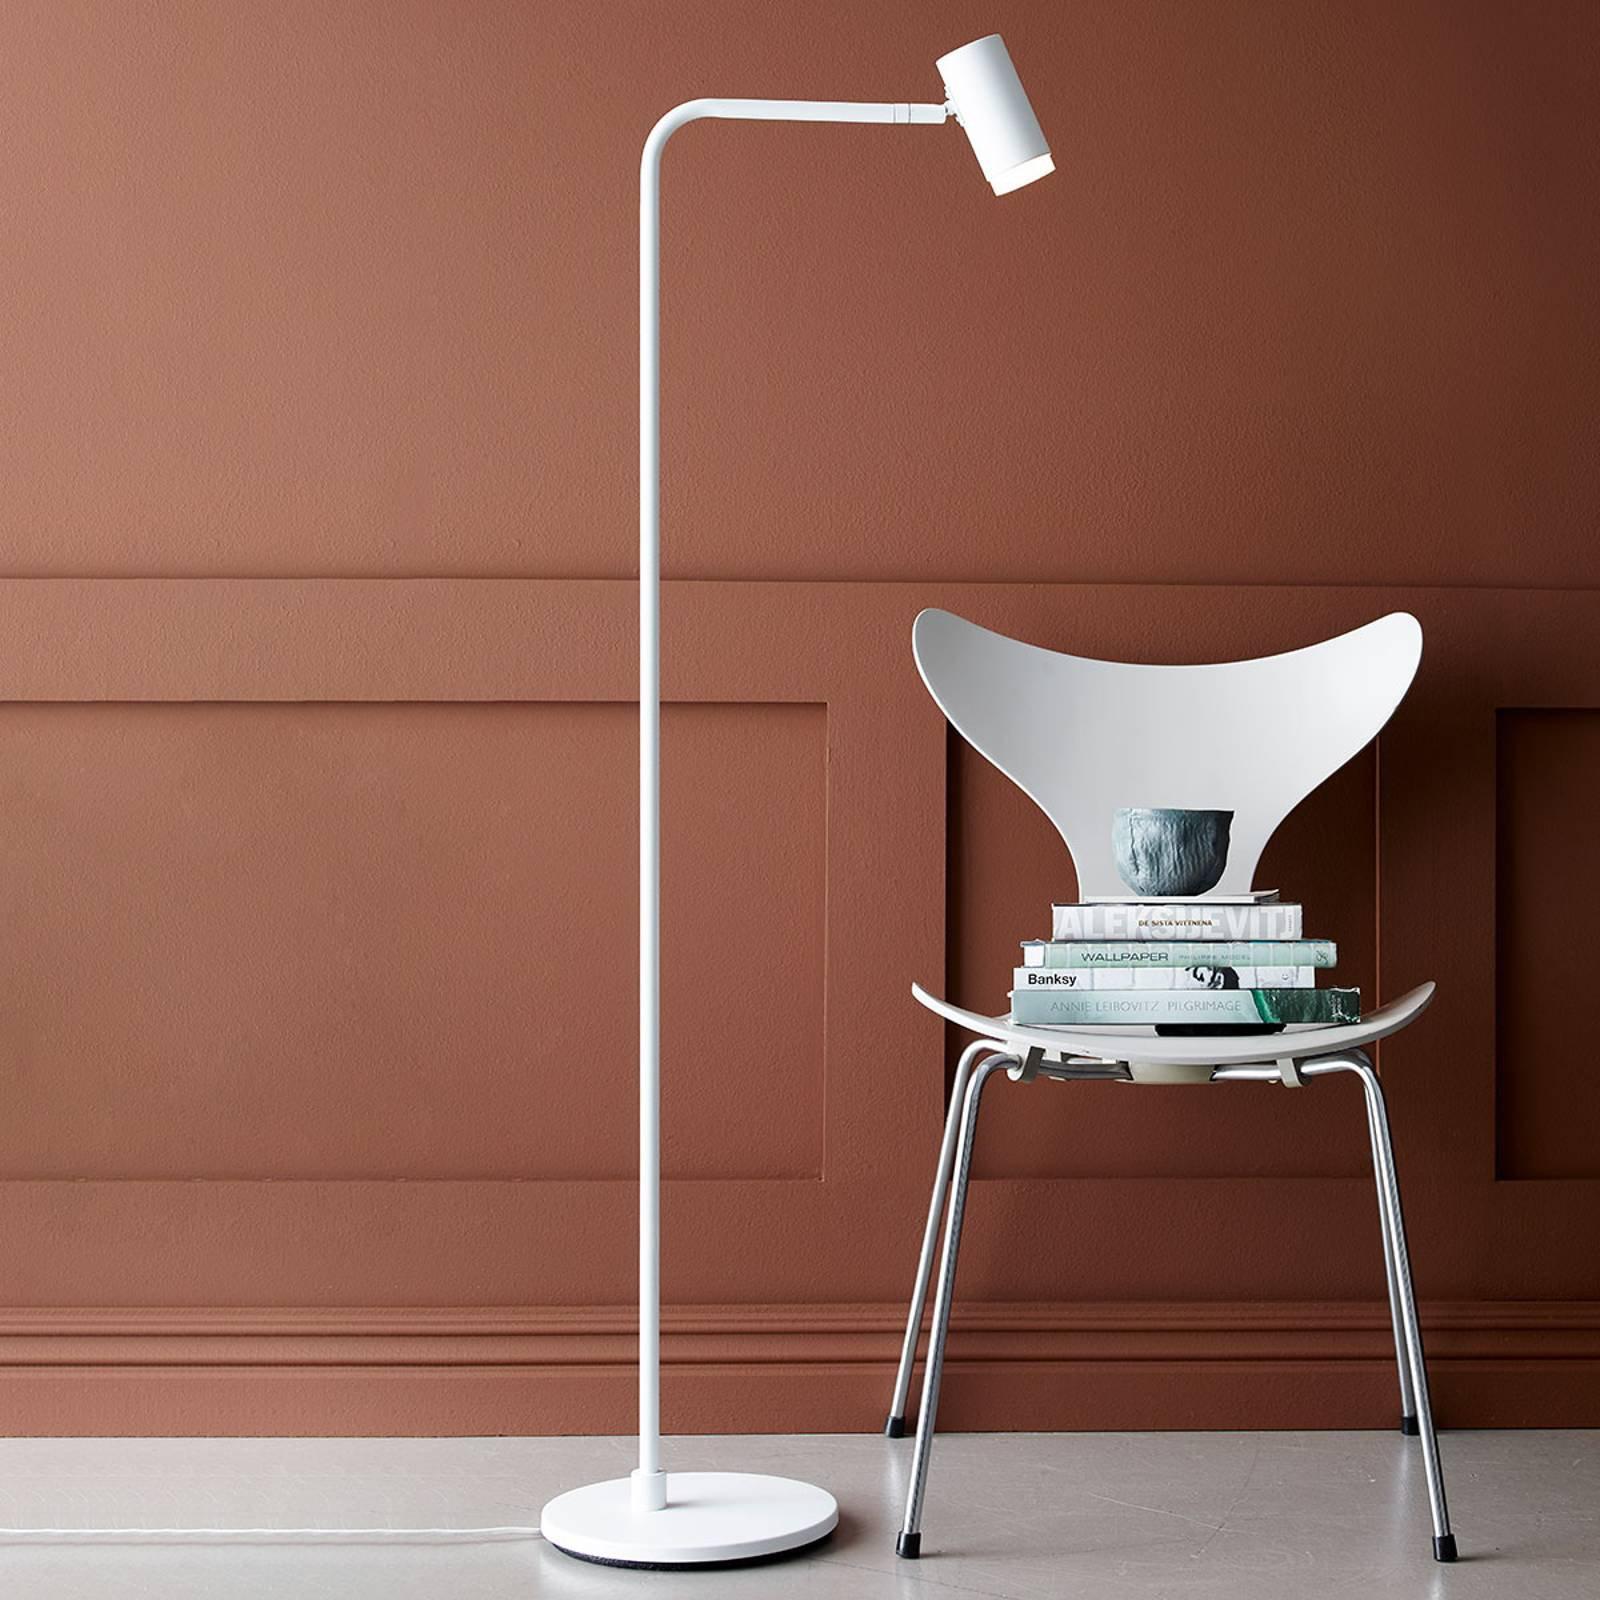 LED-gulvlampe Cato Q med dimmer, hvit